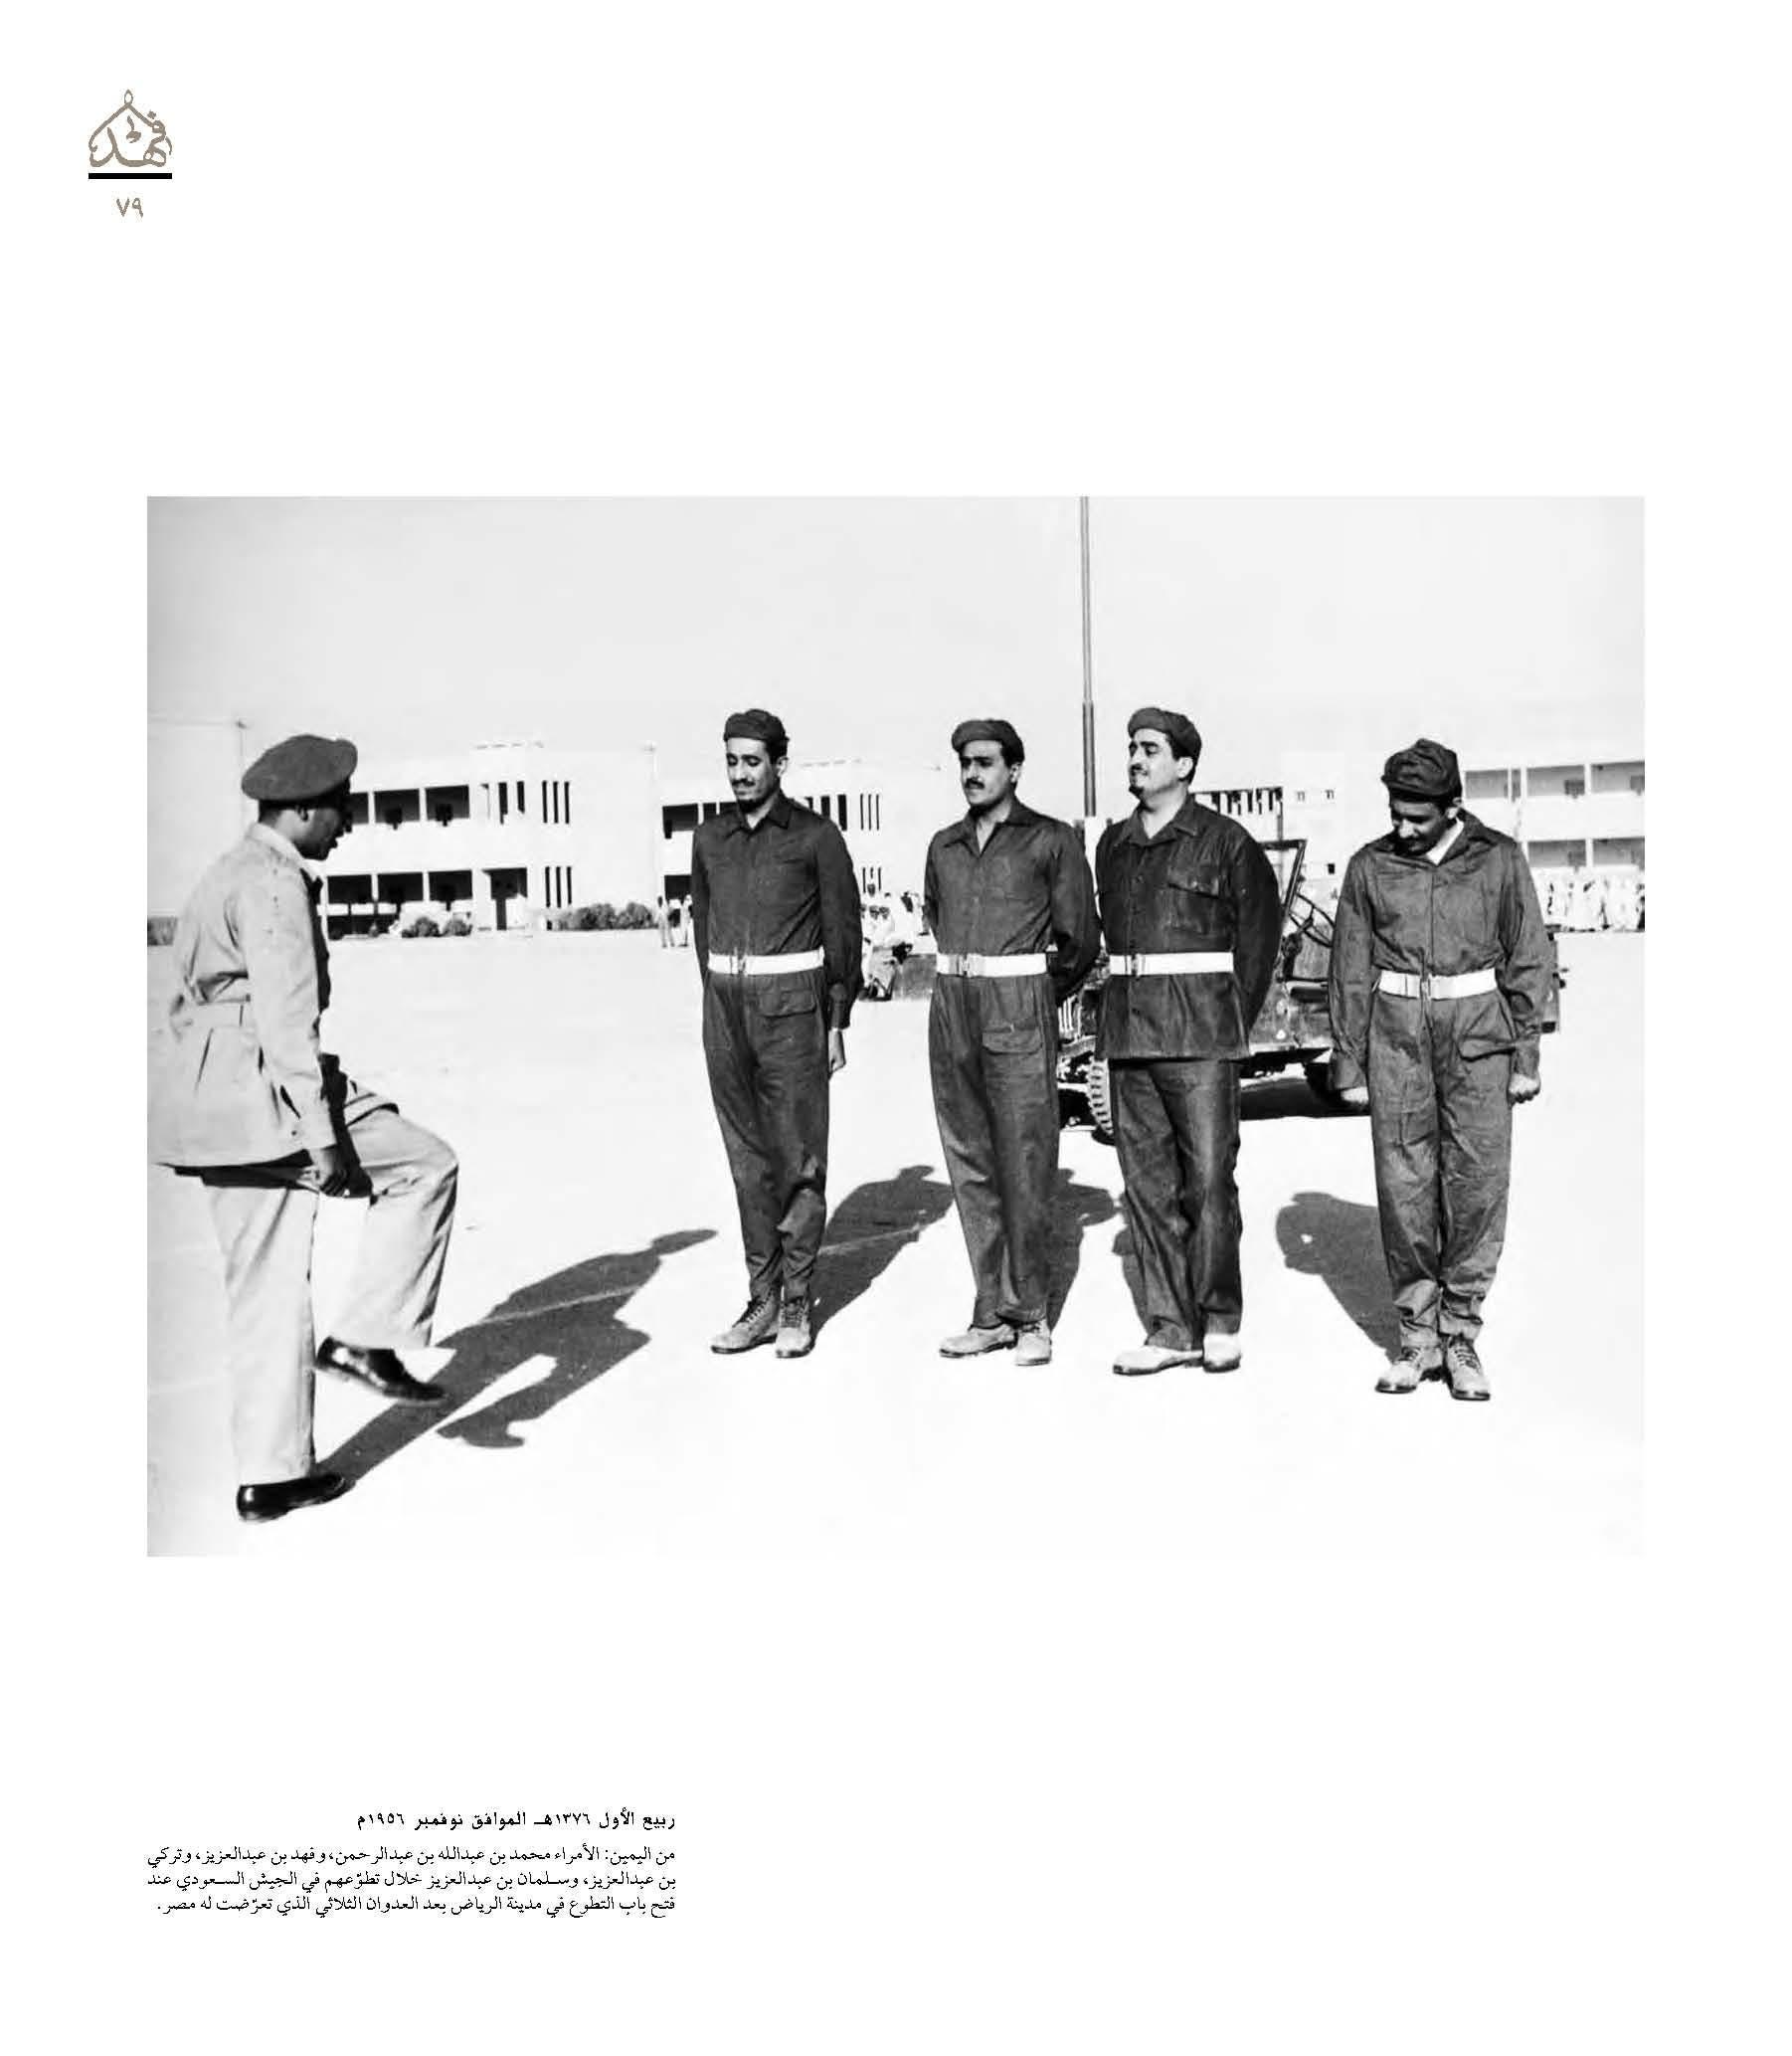 """صور نادرة للملك فهد في """"كتاب"""" Cebe1913-0233-4139-aacb-bf29ed6ee818"""